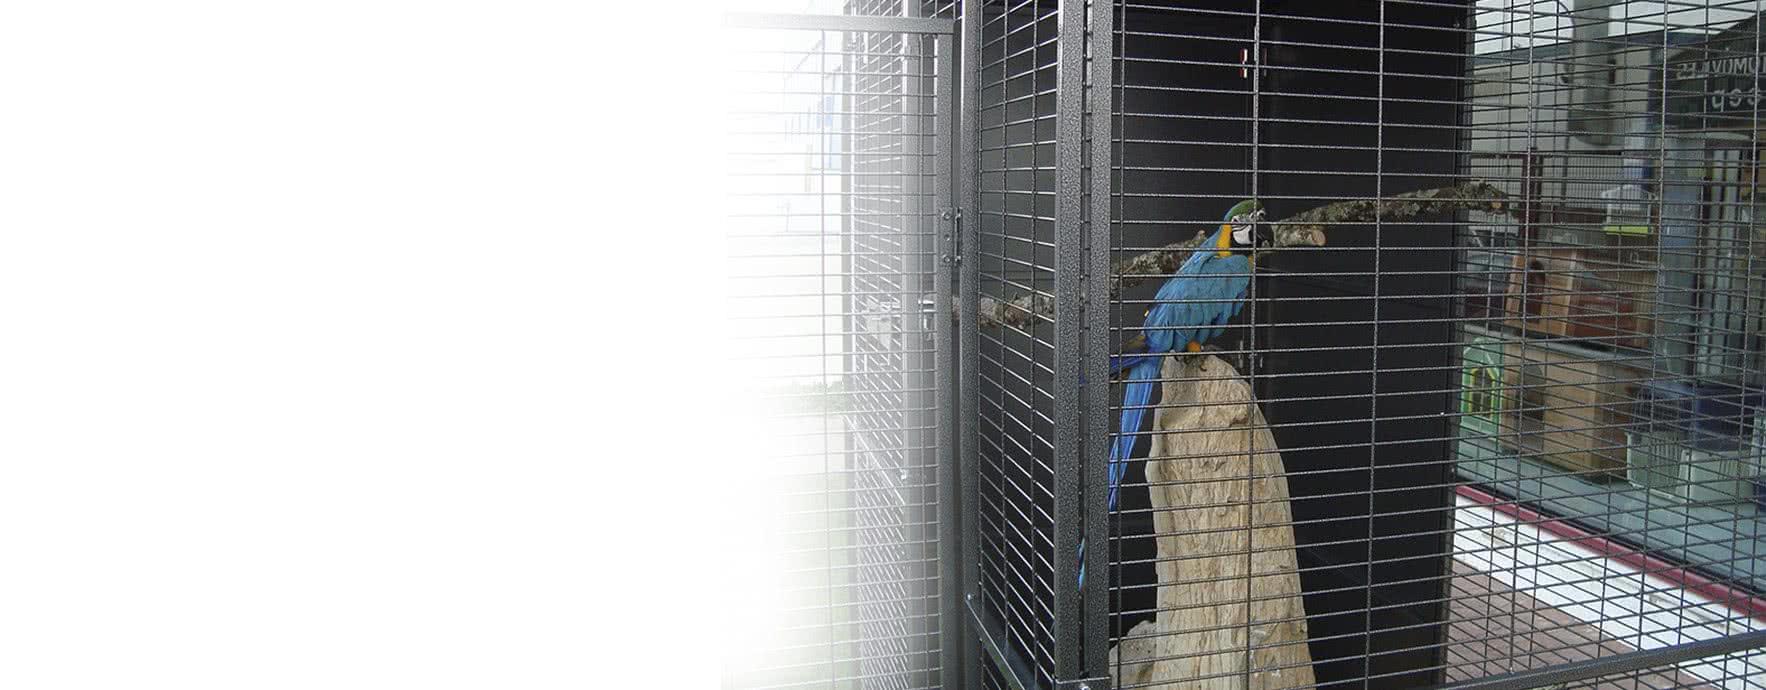 Découvrez nos cages et accessoires pour tous types d'oiseaux